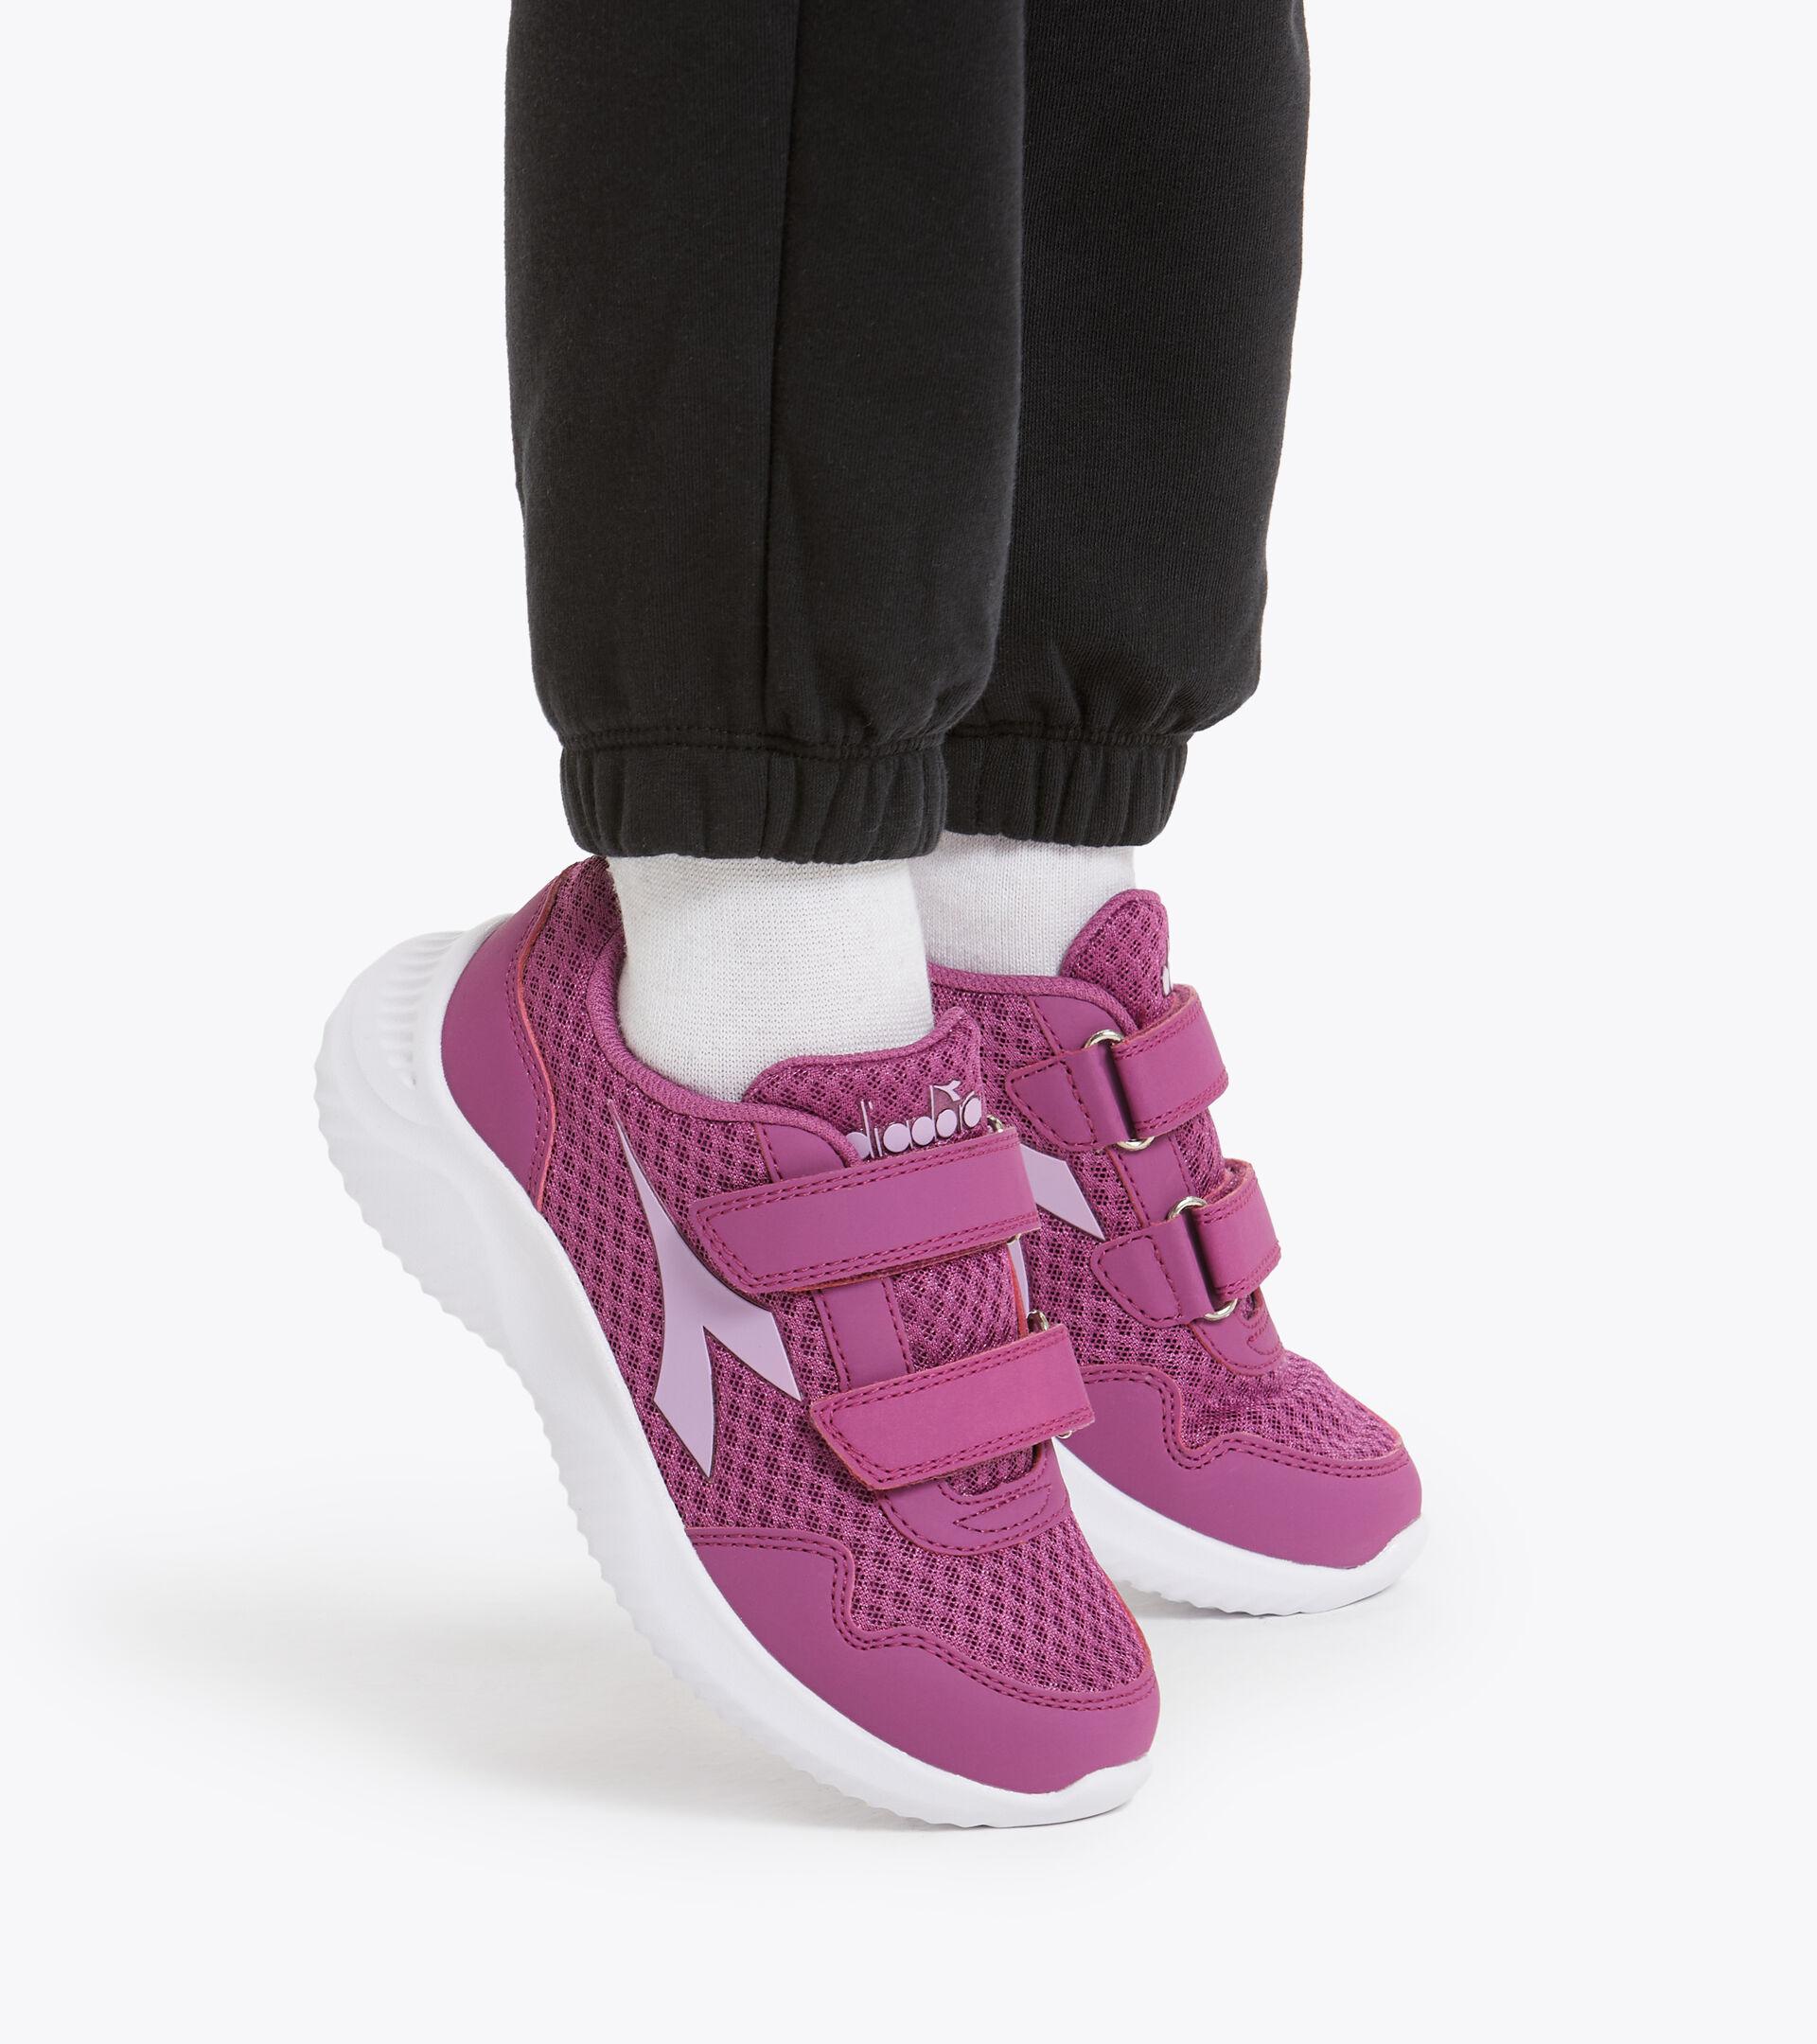 Footwear Sport BAMBINO ROBIN 2 JR V VIVID VIOLA/VIOLET TULLE Diadora